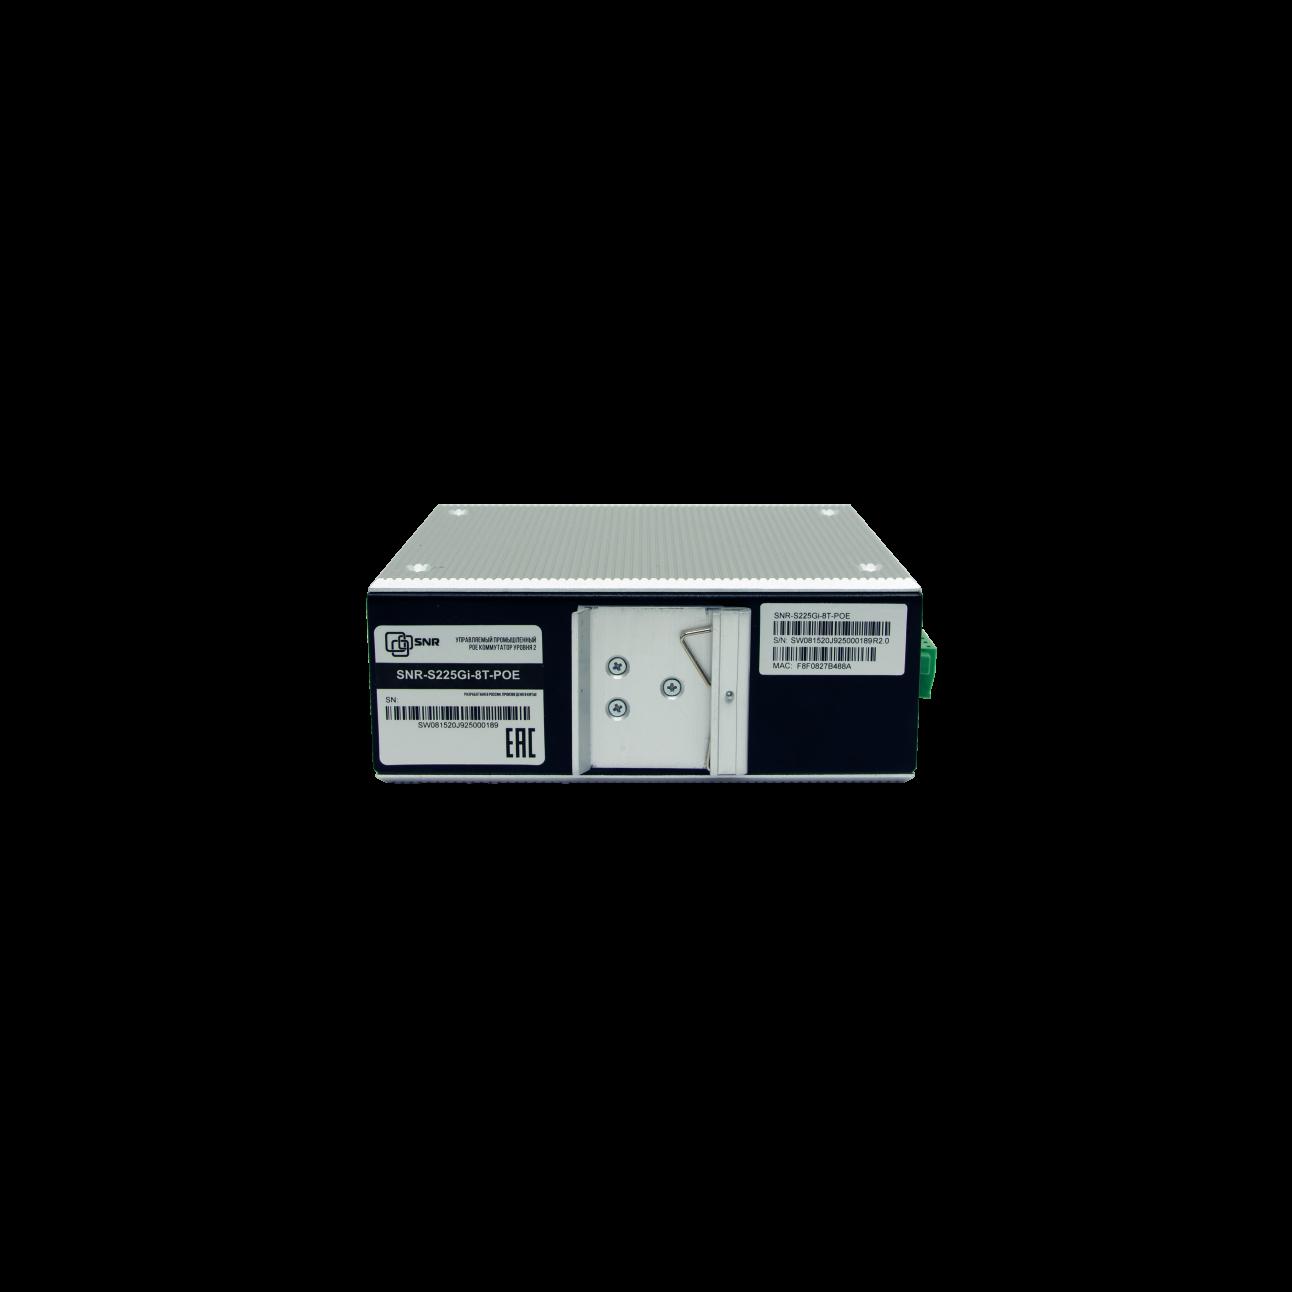 Управляемый промышленный POE коммутатор уровня 2 SNR-S225Gi-8T-POE